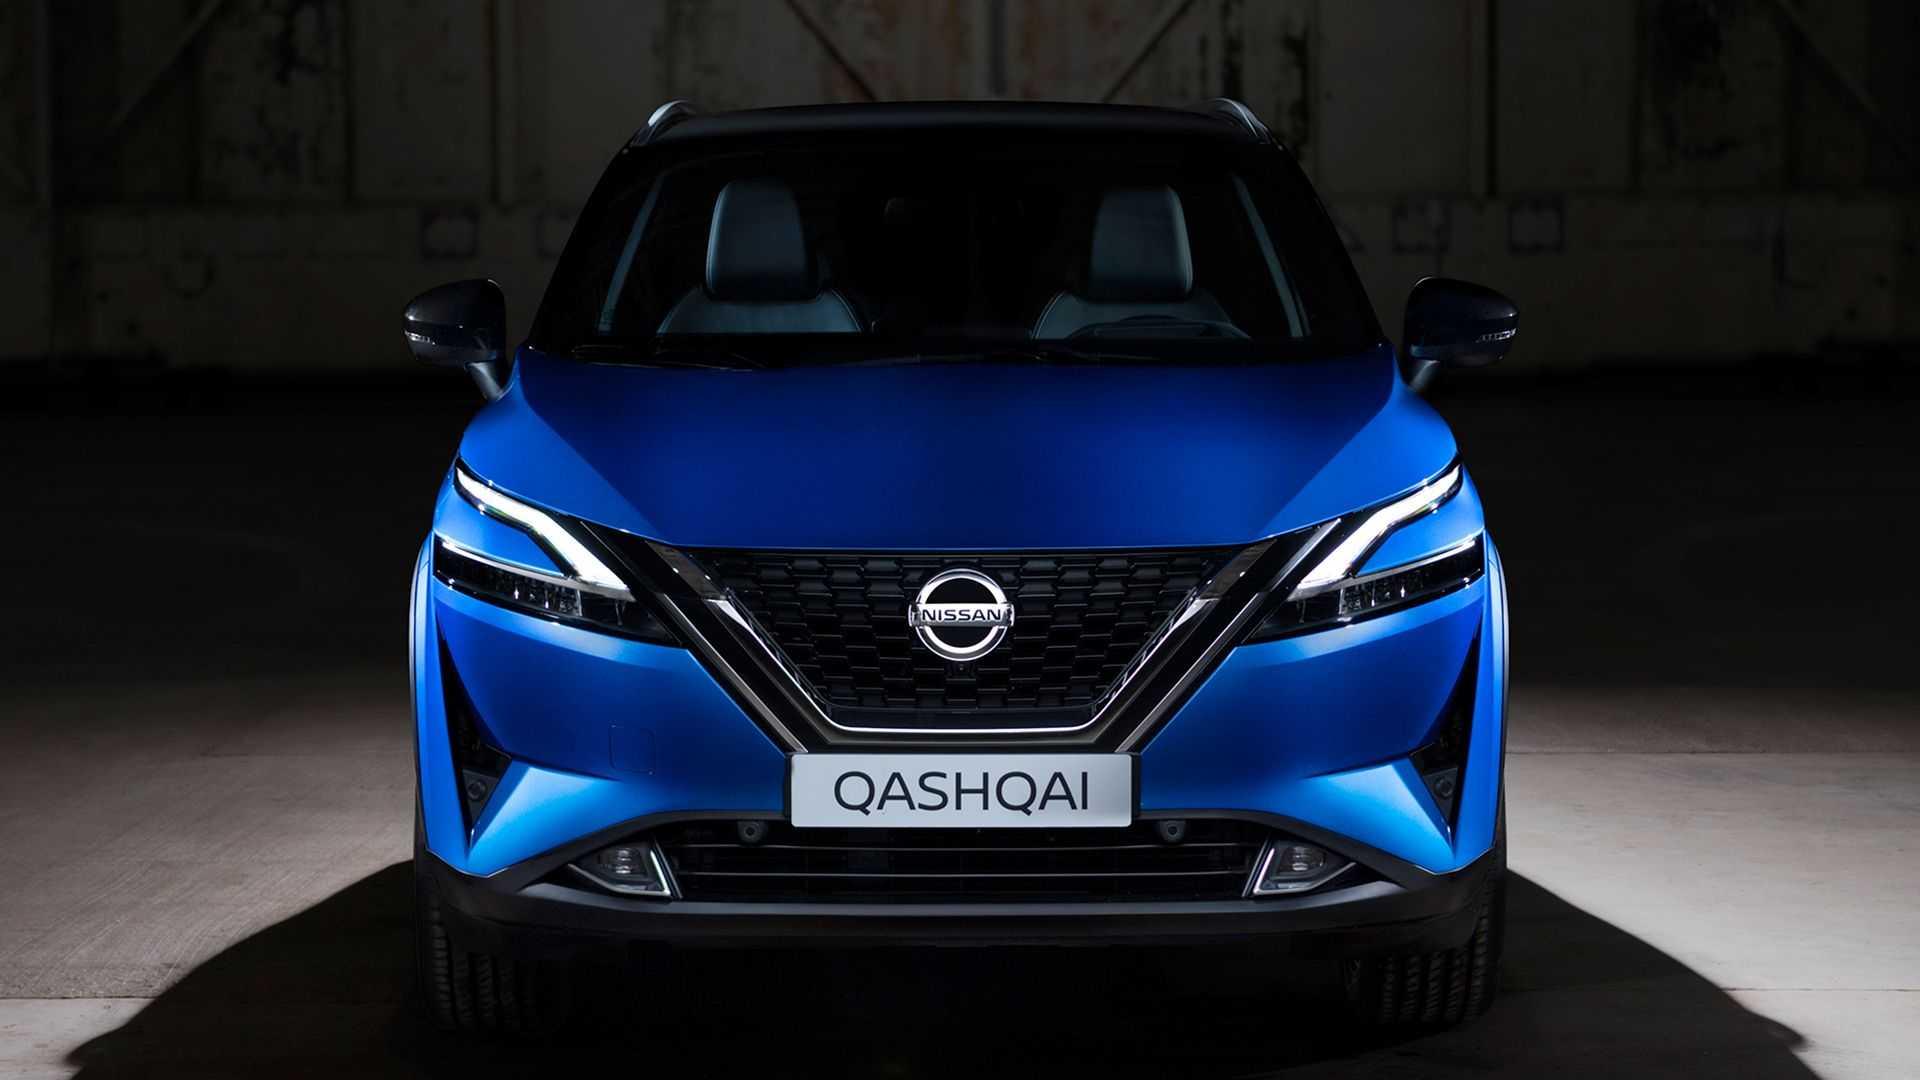 Αυτή είναι η νέα γενιά του δημοφιλούς Nissan Qashqai [vid]